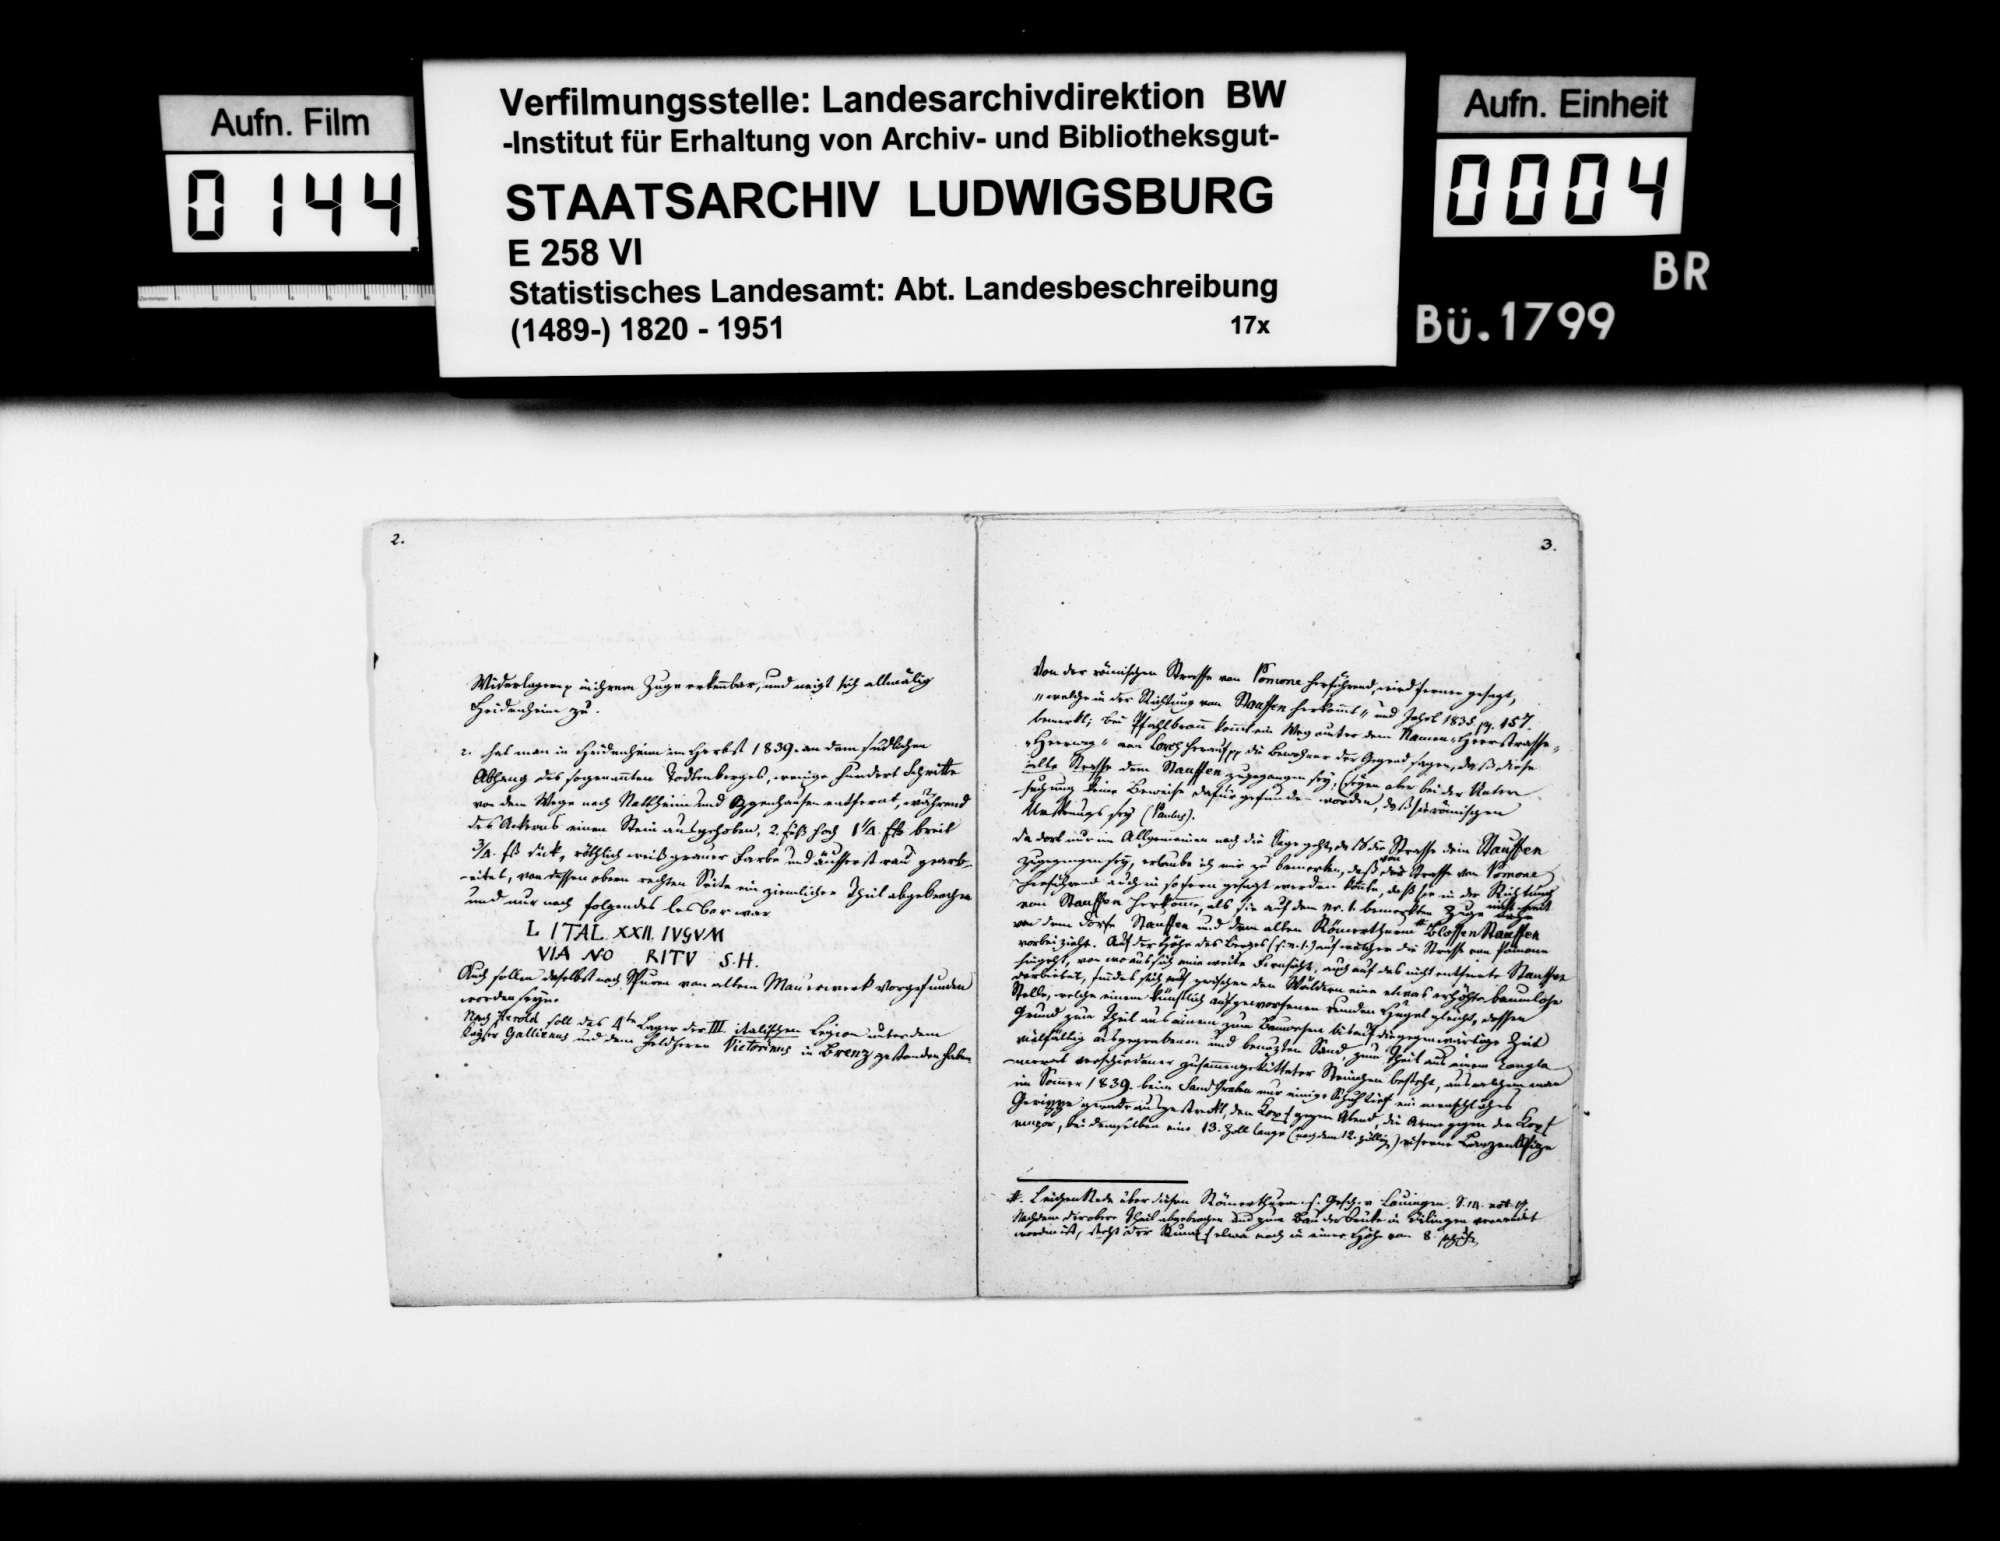 Mitteilungen des Diakons Klemm aus Giengen zu den Römerstraßen durch das Oberamt und zur Identifikation von Giengen als römisches Riusiava, Bild 3